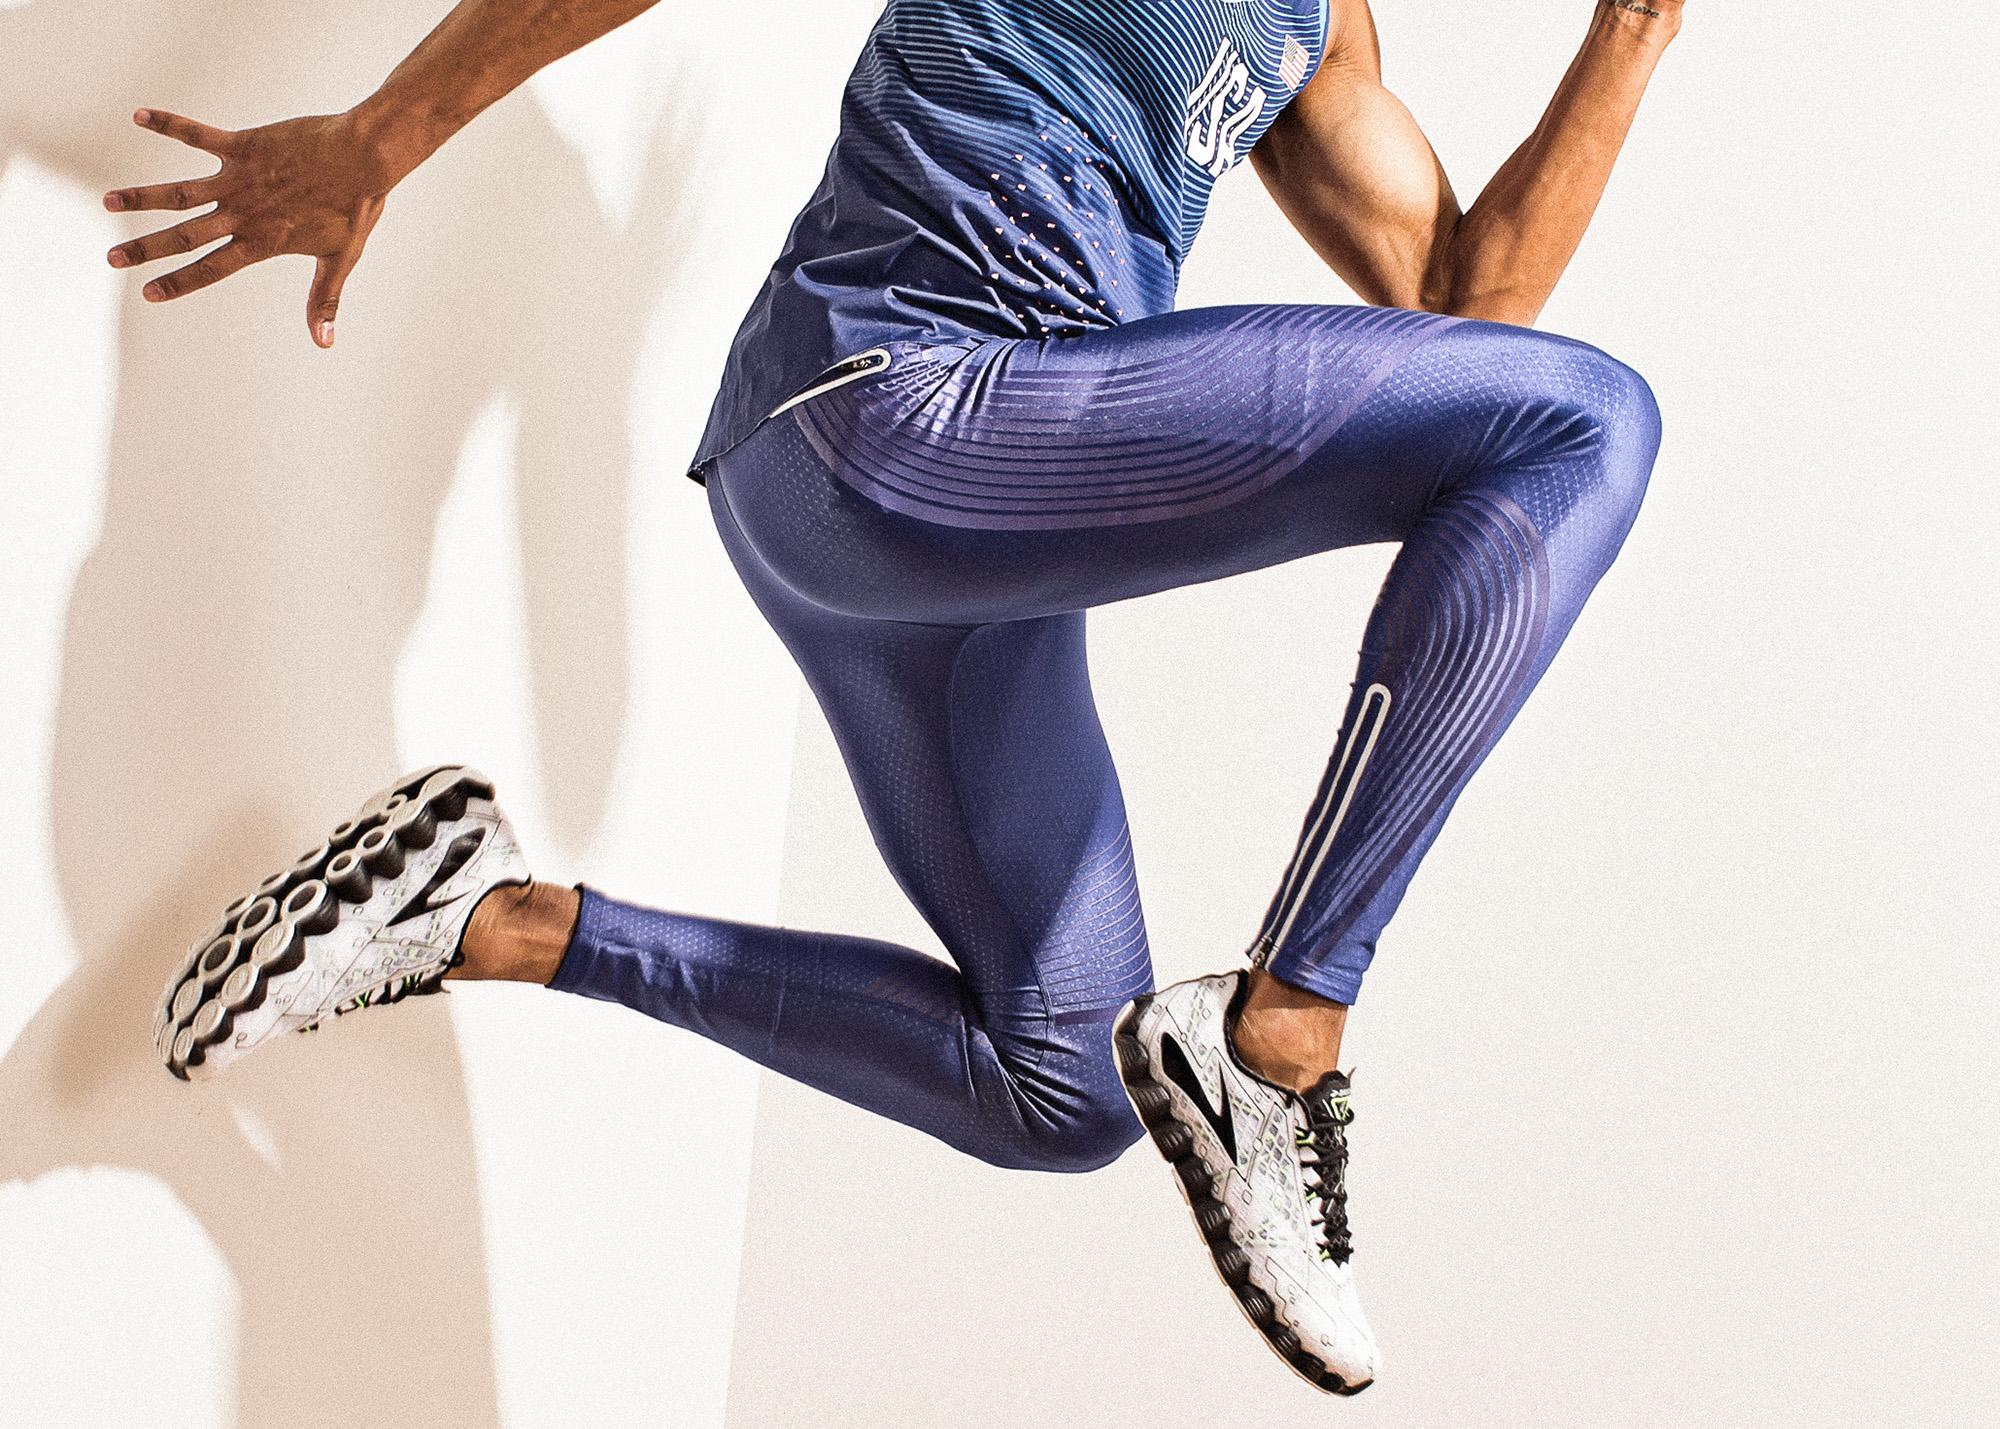 Studio photo shoot with Jeremy Taiwo, 2016 Olympic Decathlete.